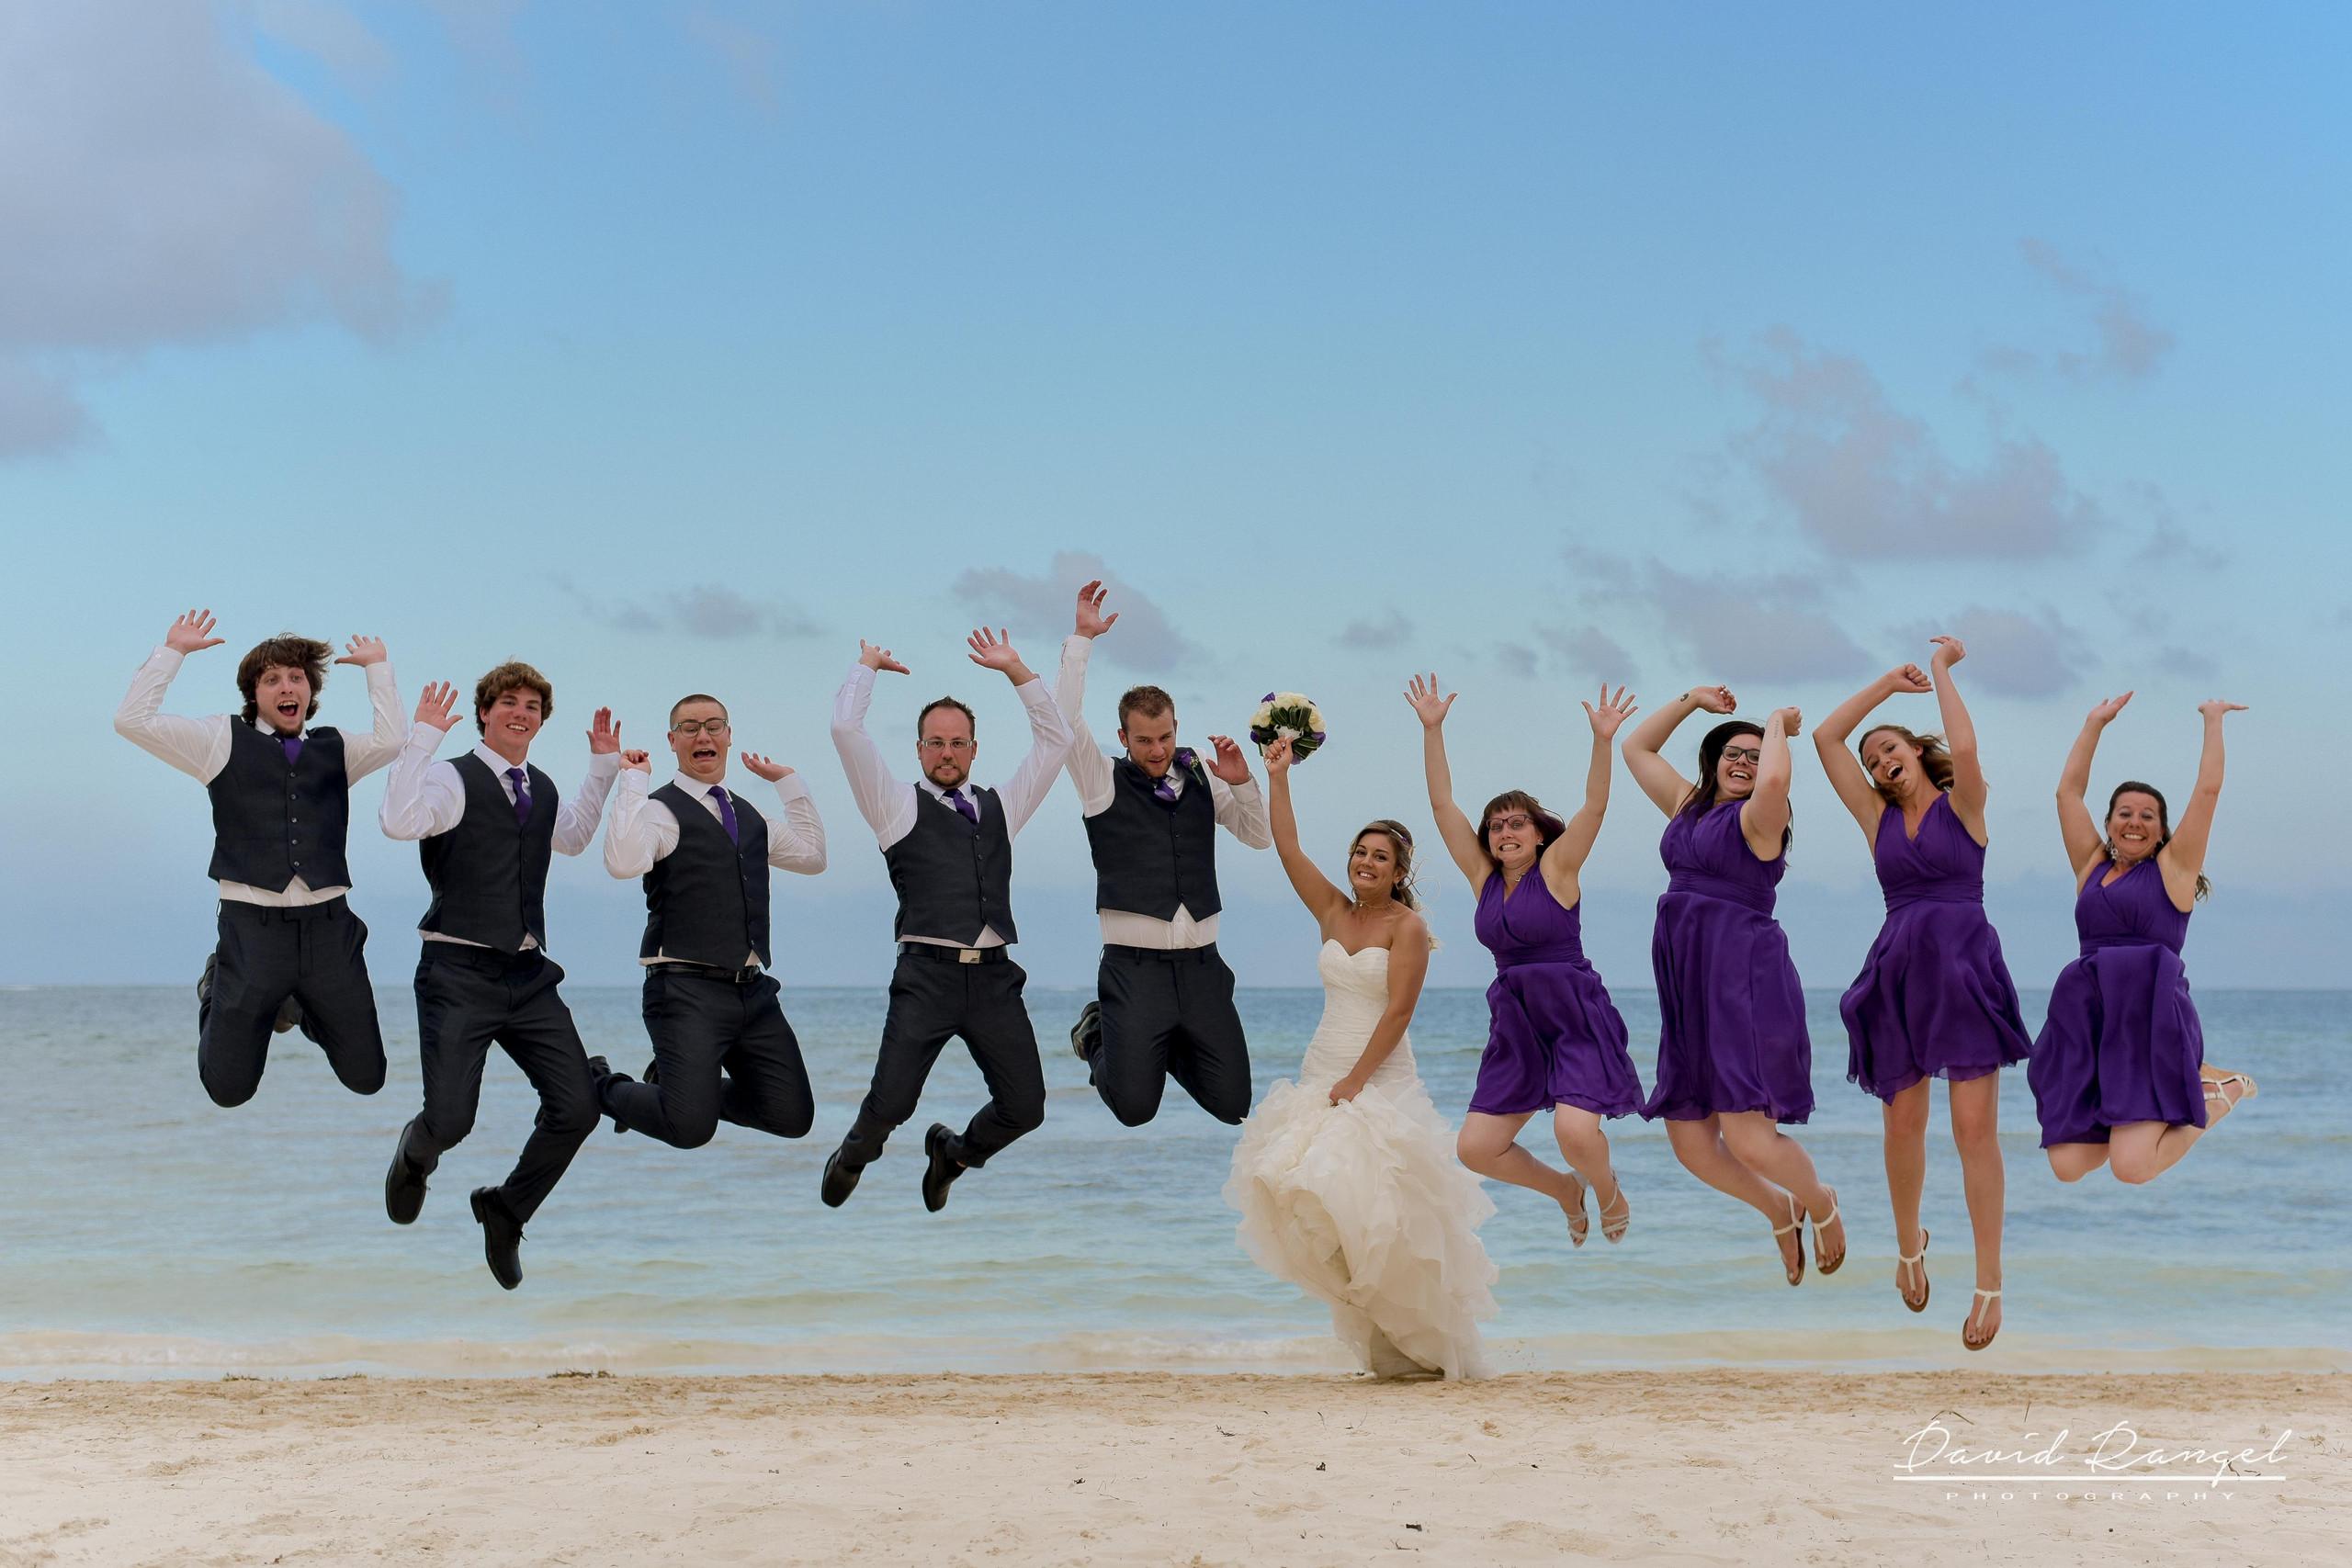 wedding+jump